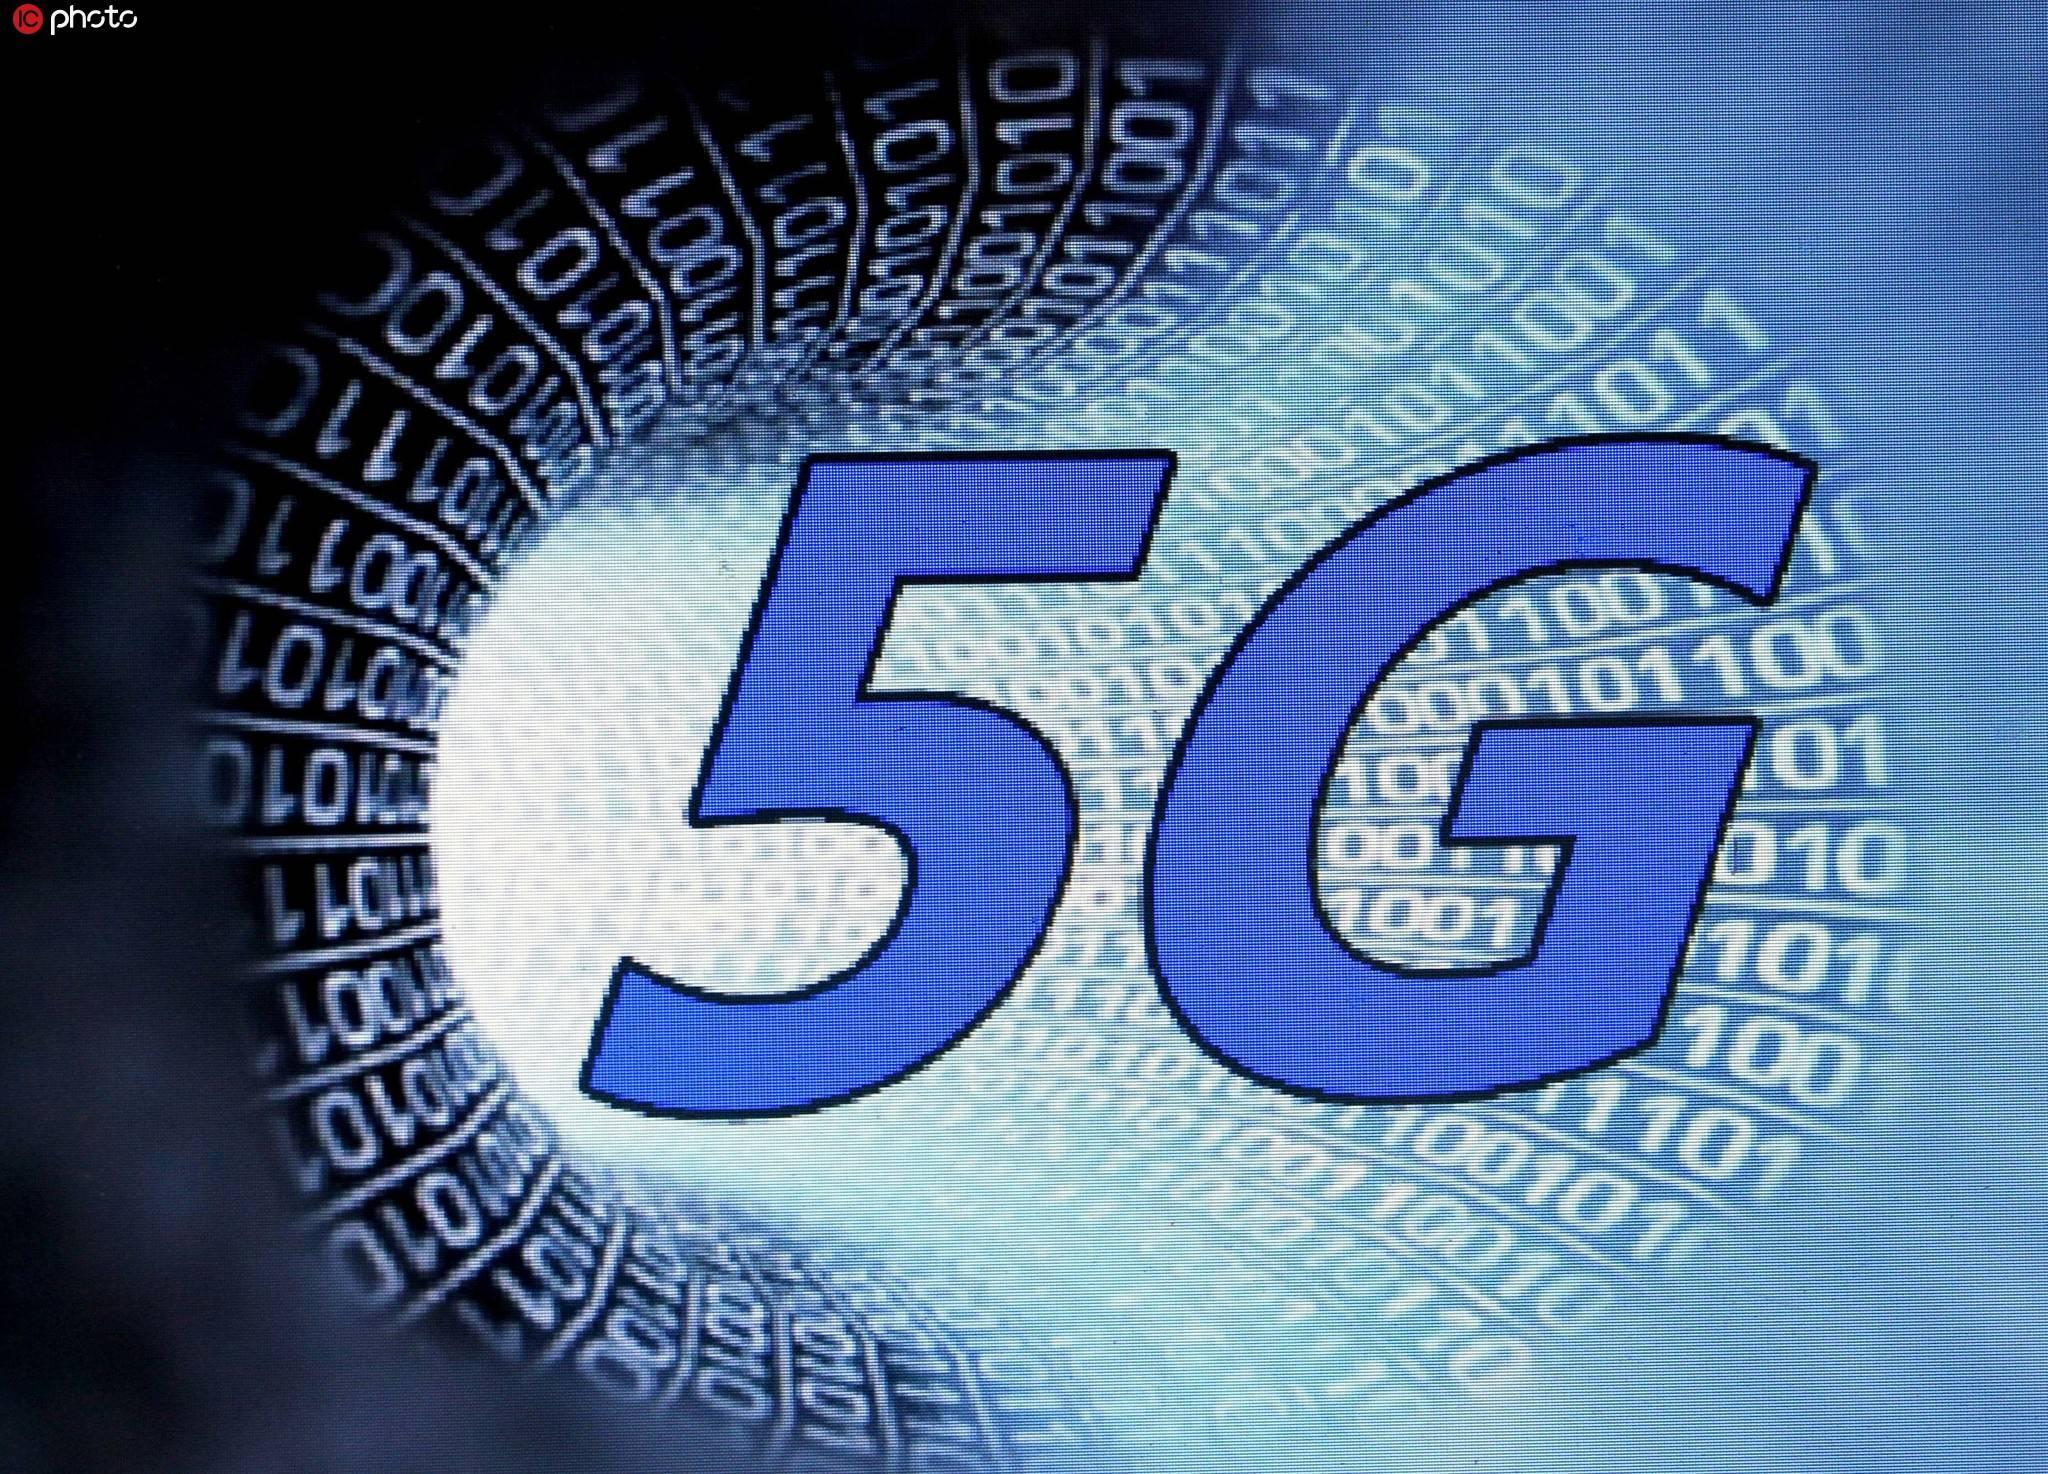 5G,5G,基站建设,运营商,降成本,应用场景